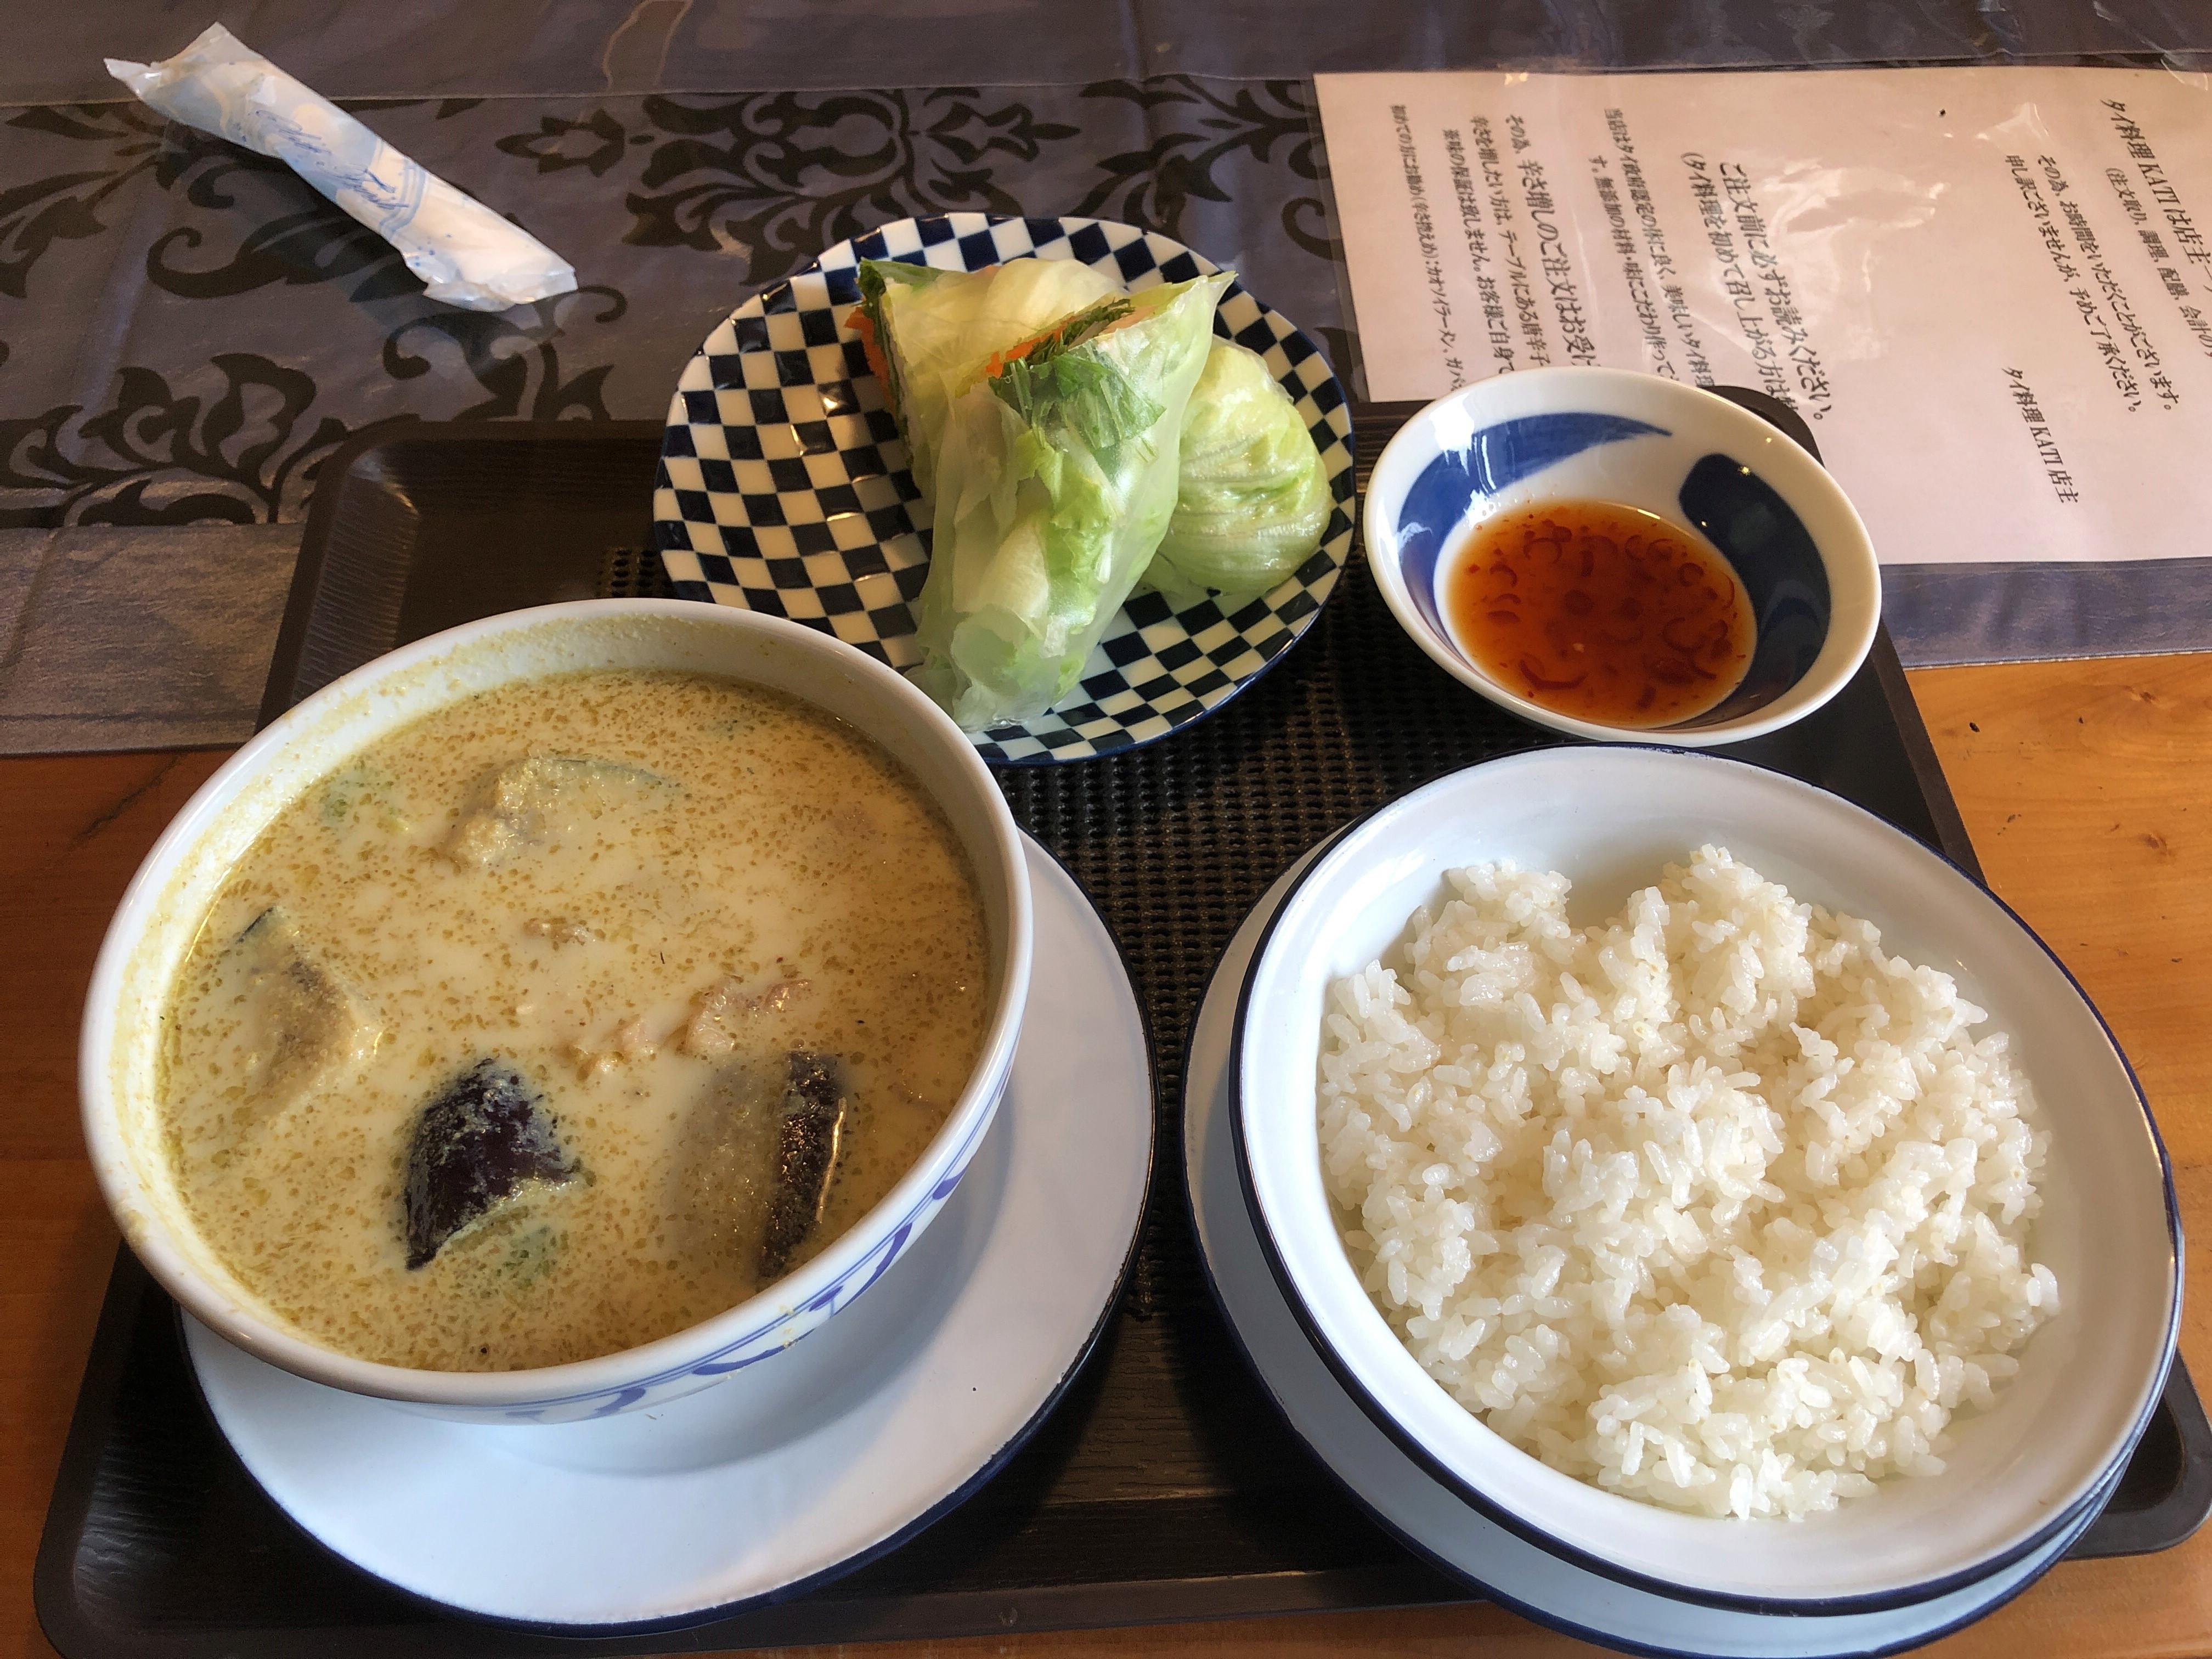 本格タイ料理が味わえると噂のカフェKATIに初訪問、美味しいと噂のグリーンカレーを頂いてきました